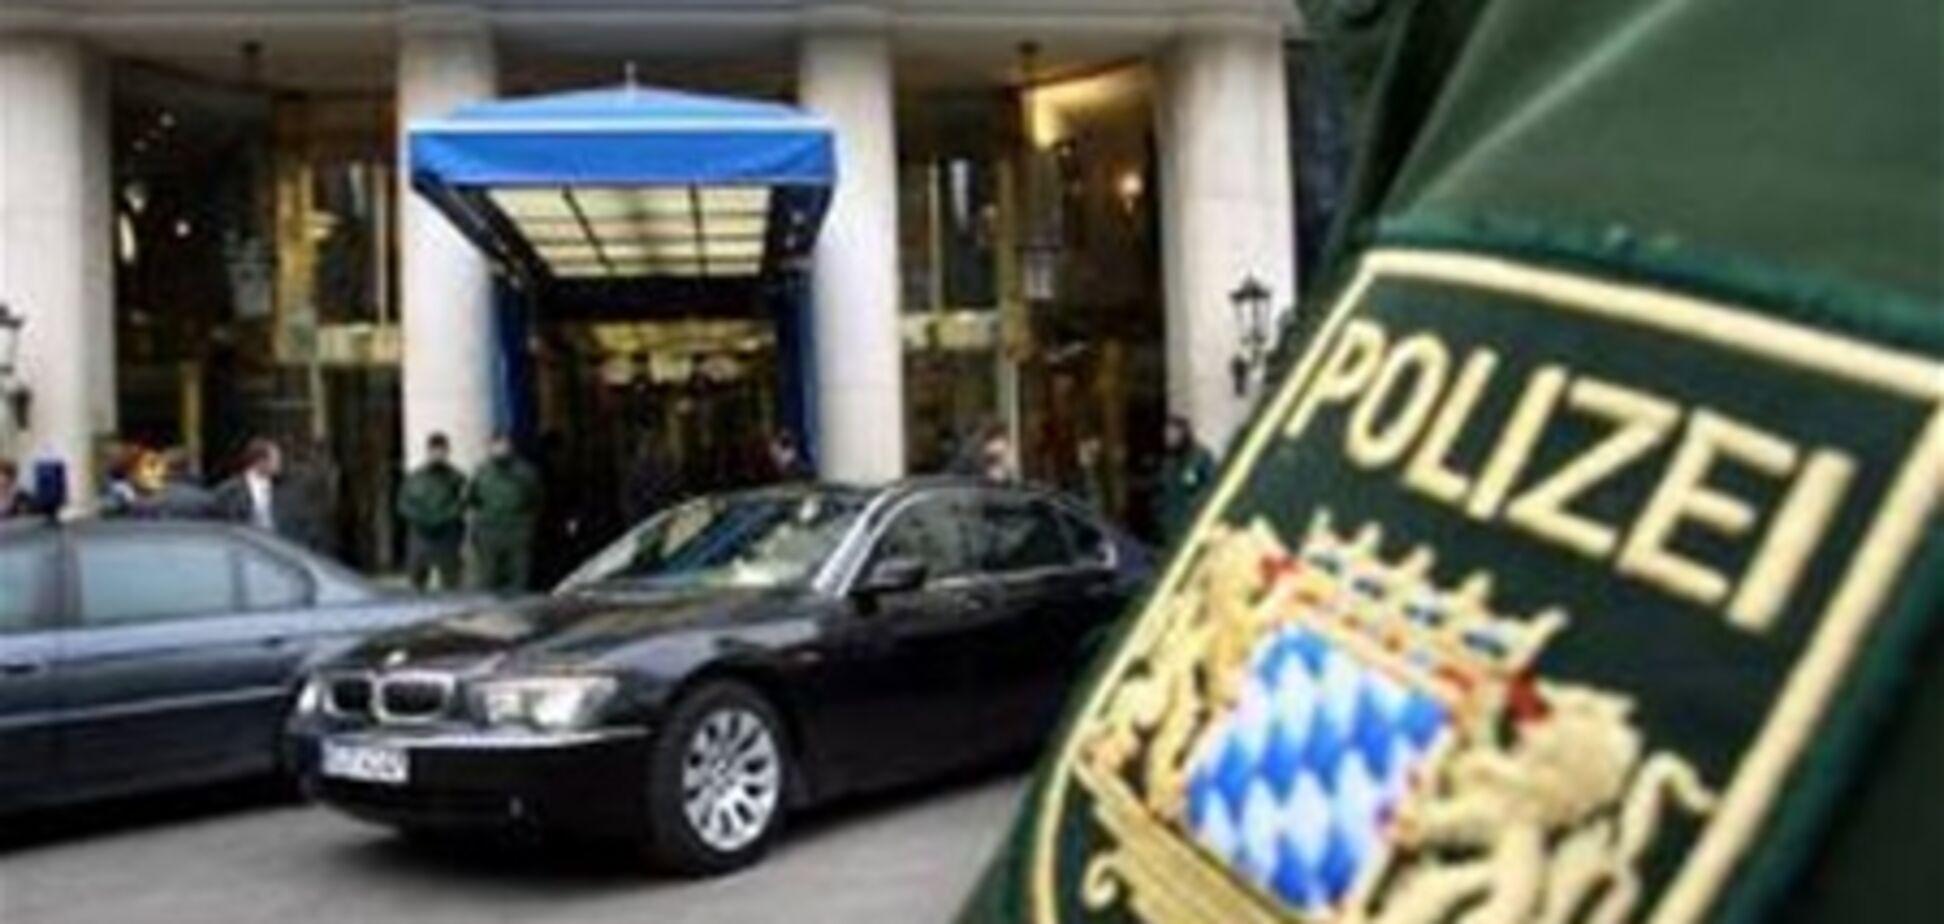 Cотрудник немецкой полиции был уволен за занятие сексом в церкви